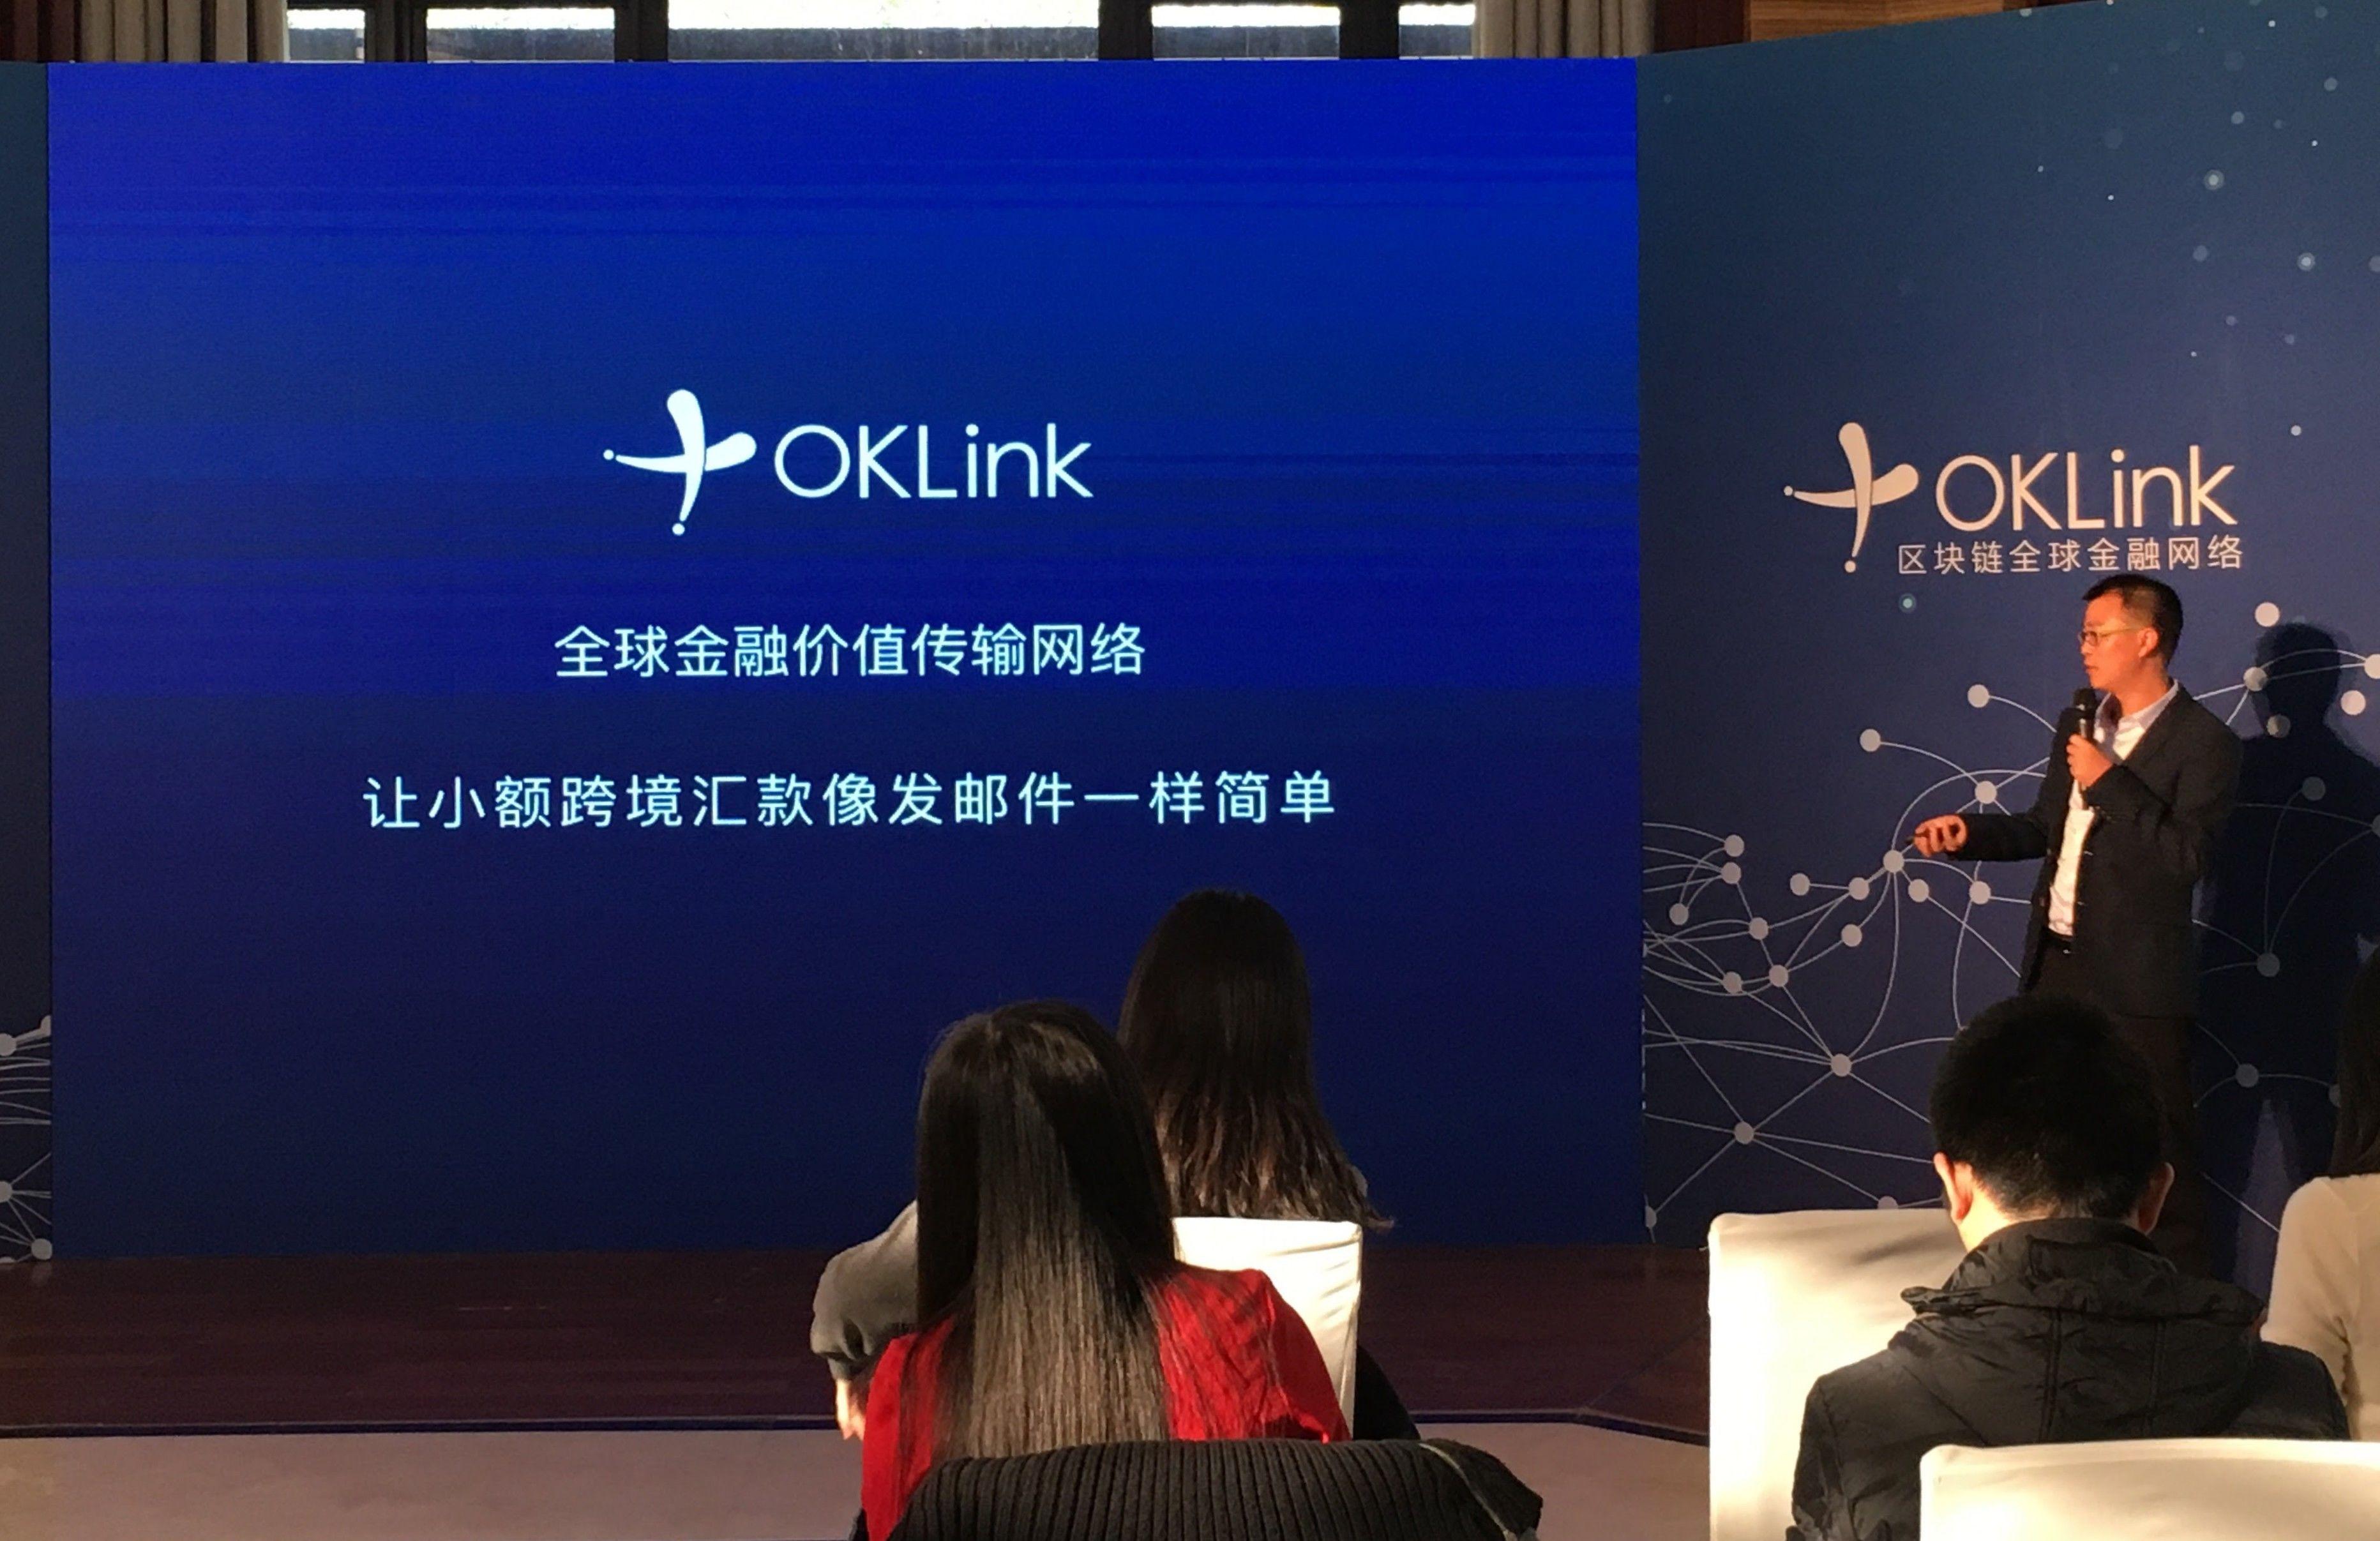 有了中文名「币行」的 OKCoin,力推跨境汇款平台 OKLink